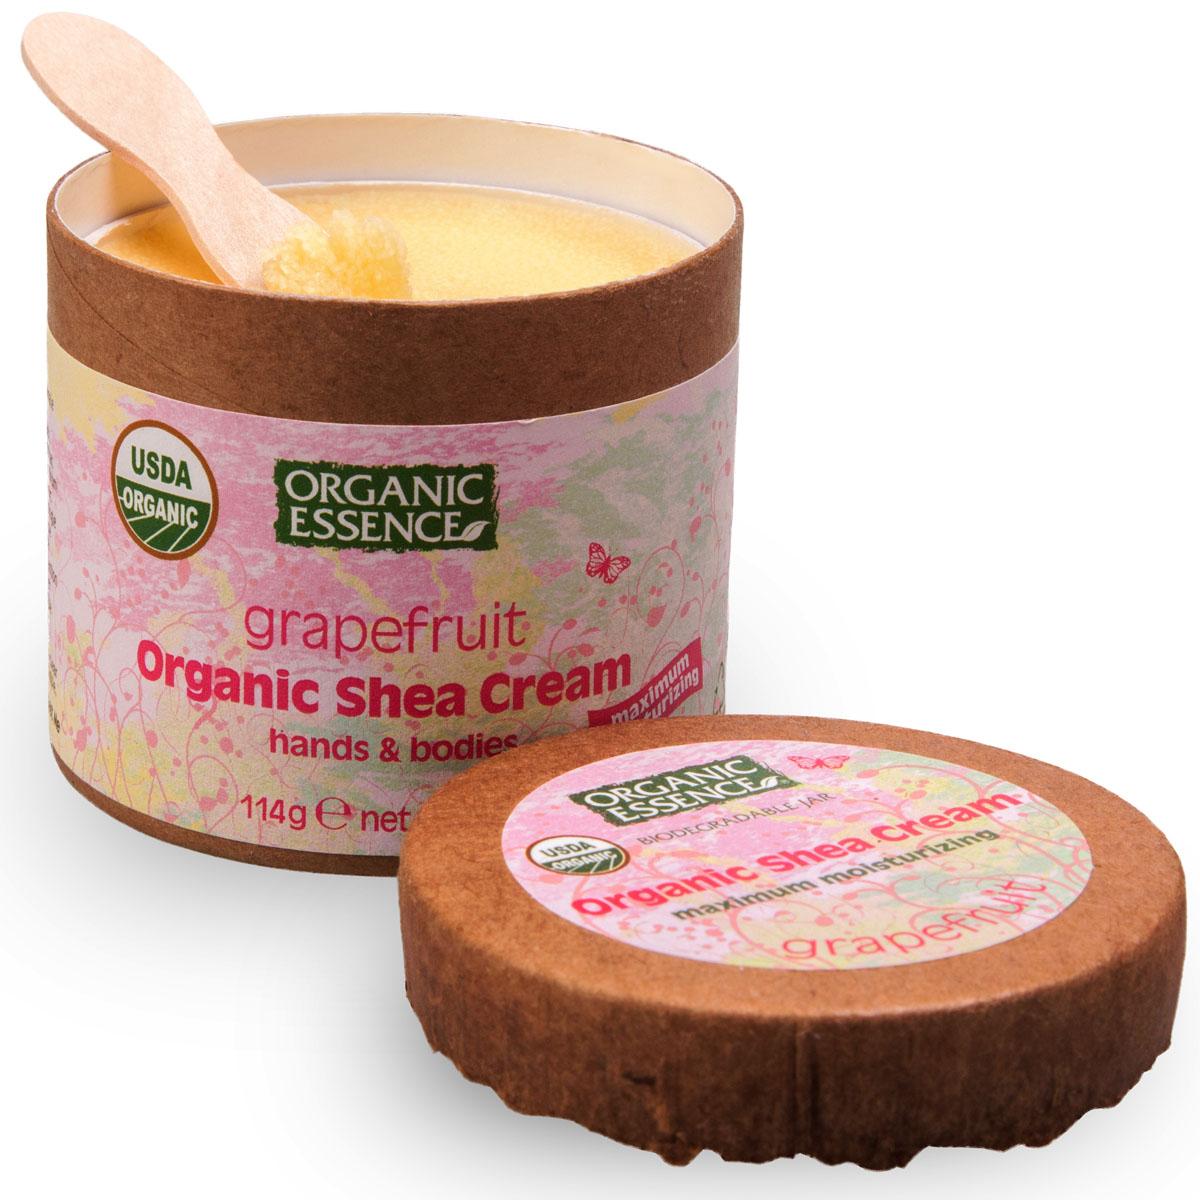 Organic Essence Органический крем Ши (Карите), грейпфрут 114 г/118 млCCGRPUSDA Organic сертифицированный продукт. Интенсивное увлажнение. Подходит для ежедневного применения. В состав Органического крема Ши входит органический грейпфрут. Он должен быть в вашем списке лучшие друзья для кожи. Всем известно, что грейпфрут, как антиоксидант, борется со старением кожи, а также выводит токсины. Как и большинство цитрусовых ароматов, аромат грейпфрута вызывает чувство эйфории, он полезен для придания бодрящего тонуса. Аромат грейпфрута способен придать человеку уверенности в себе, помогает справиться с депрессией и подавленным настроением. Грейпфрут повышает иммунитет, поможет Вам избавиться от усталости, несвоевременной сонливости, вялости и головокружения.